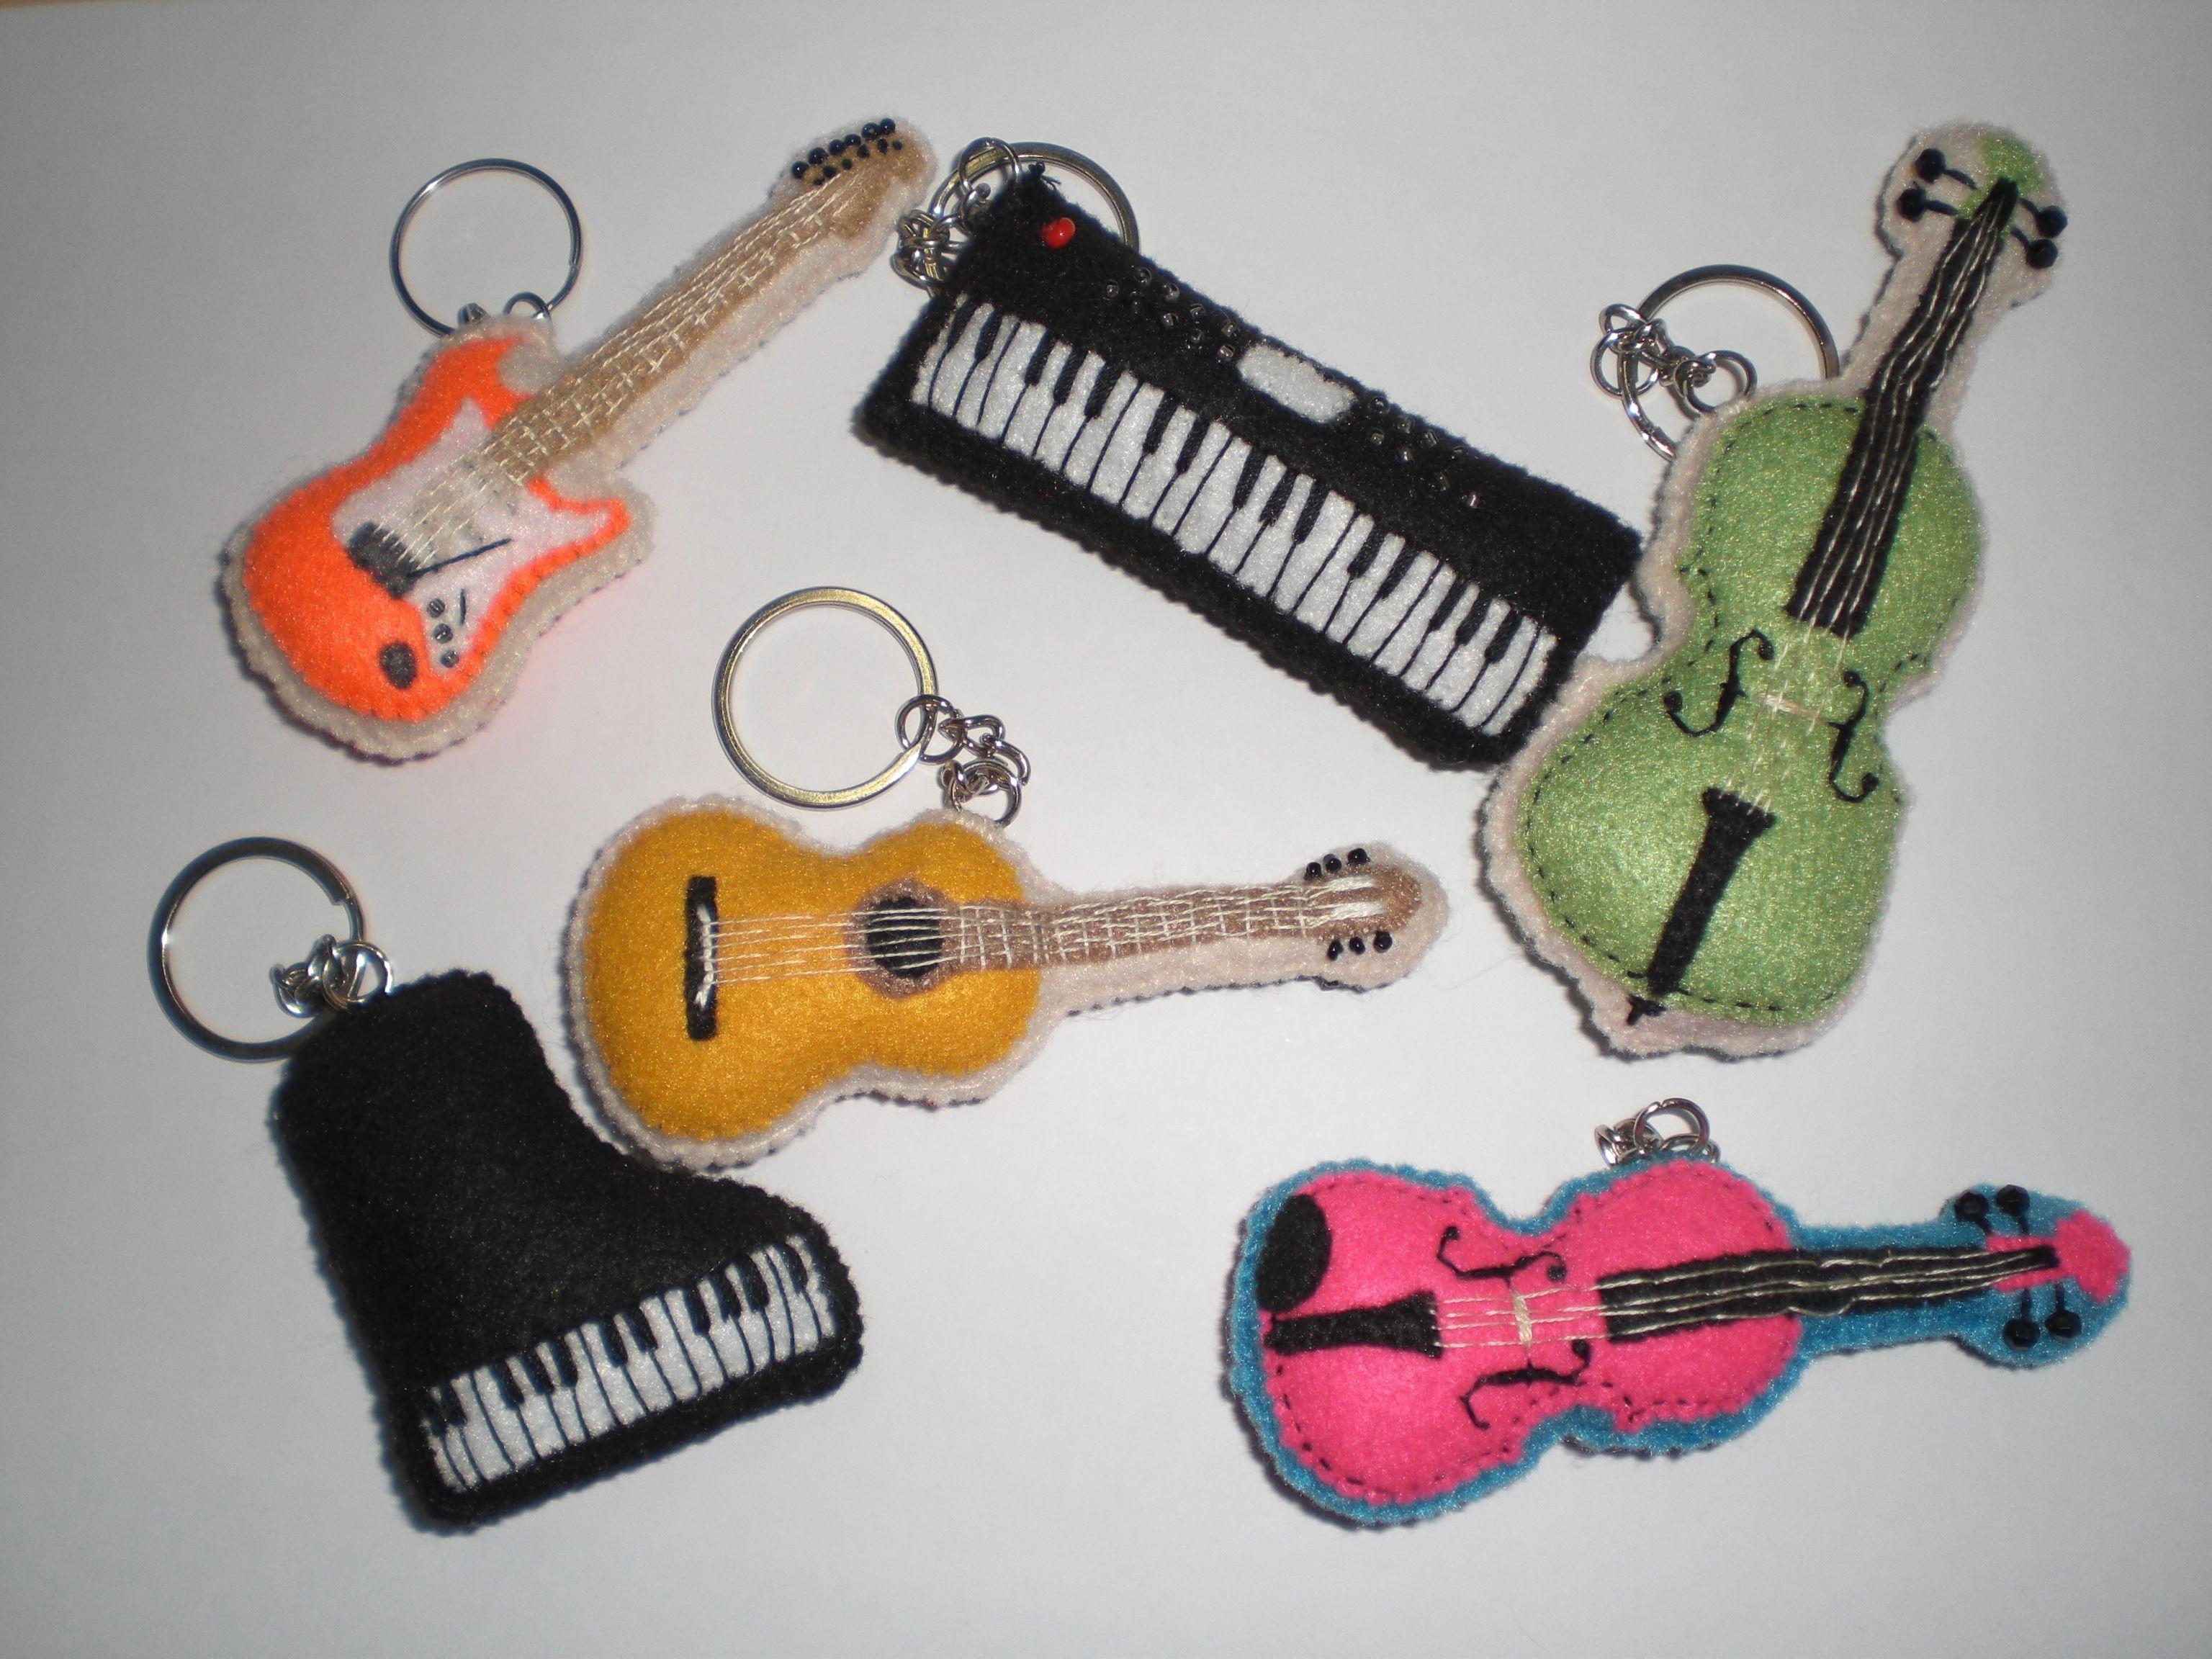 chaveiros de instrumentos musicais em feltro Artesanato Em Feltro, Chaveiro  De Feltro, Notas Musicais a392a0bc94